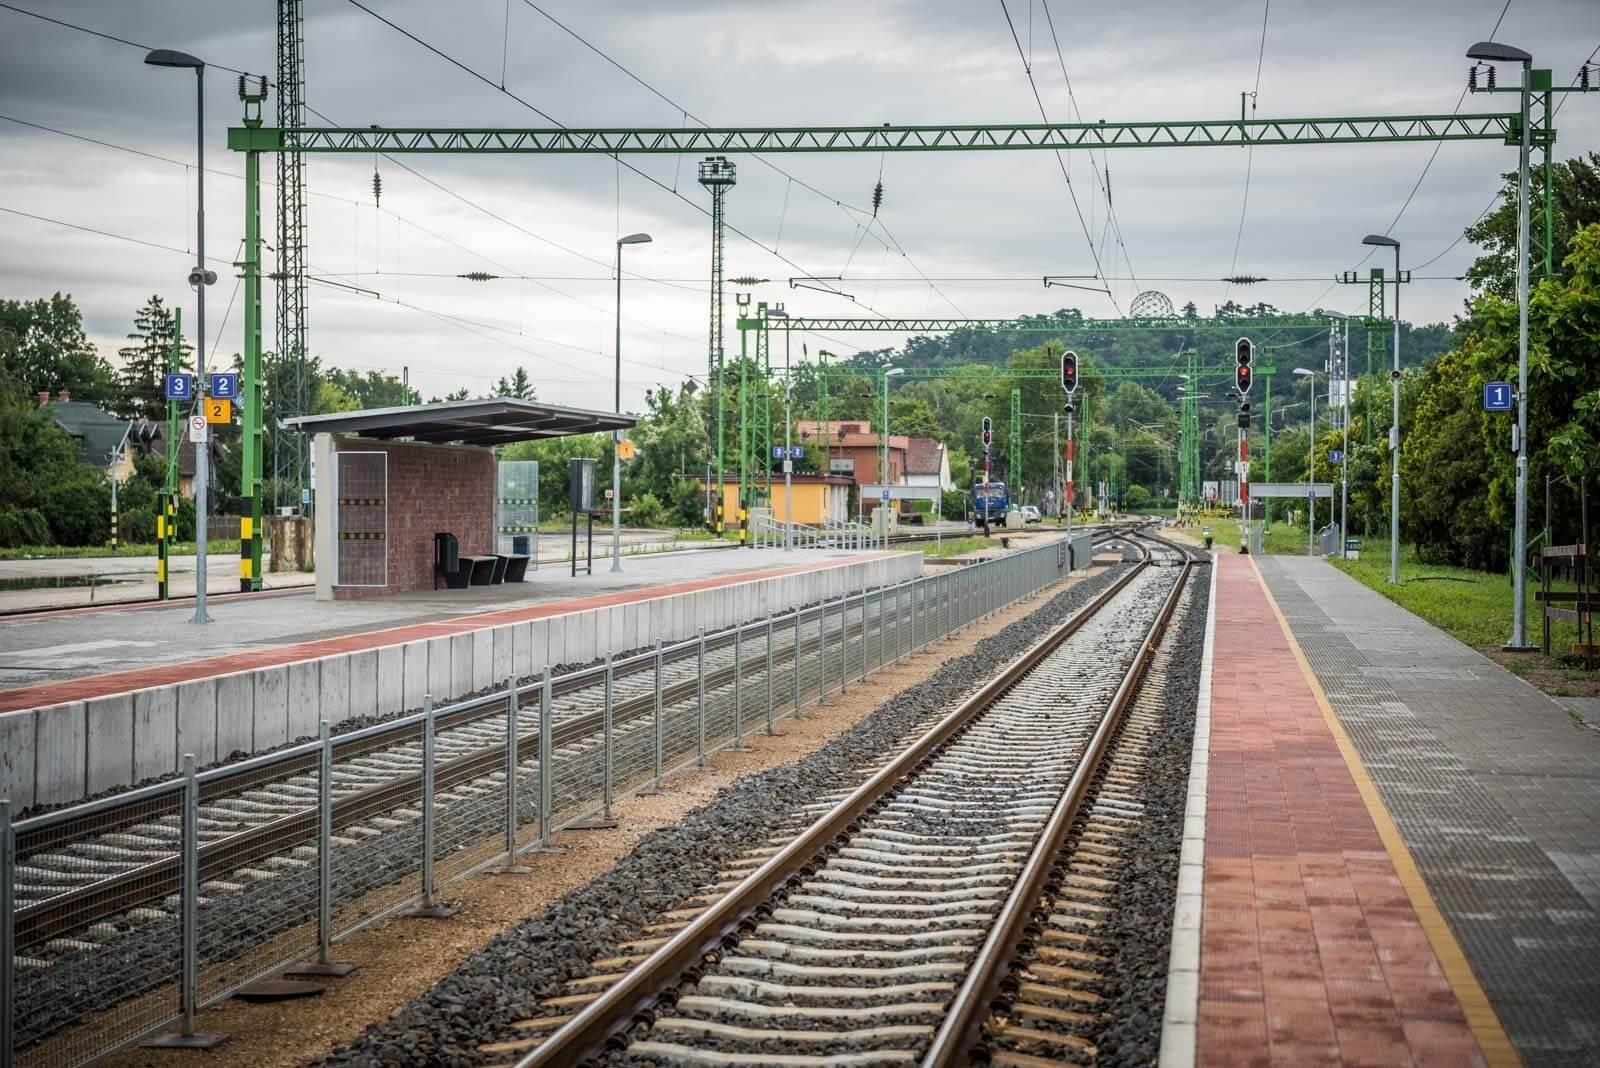 Elkészültek az első peronok a Budapest-Hatvan vasútvonalon